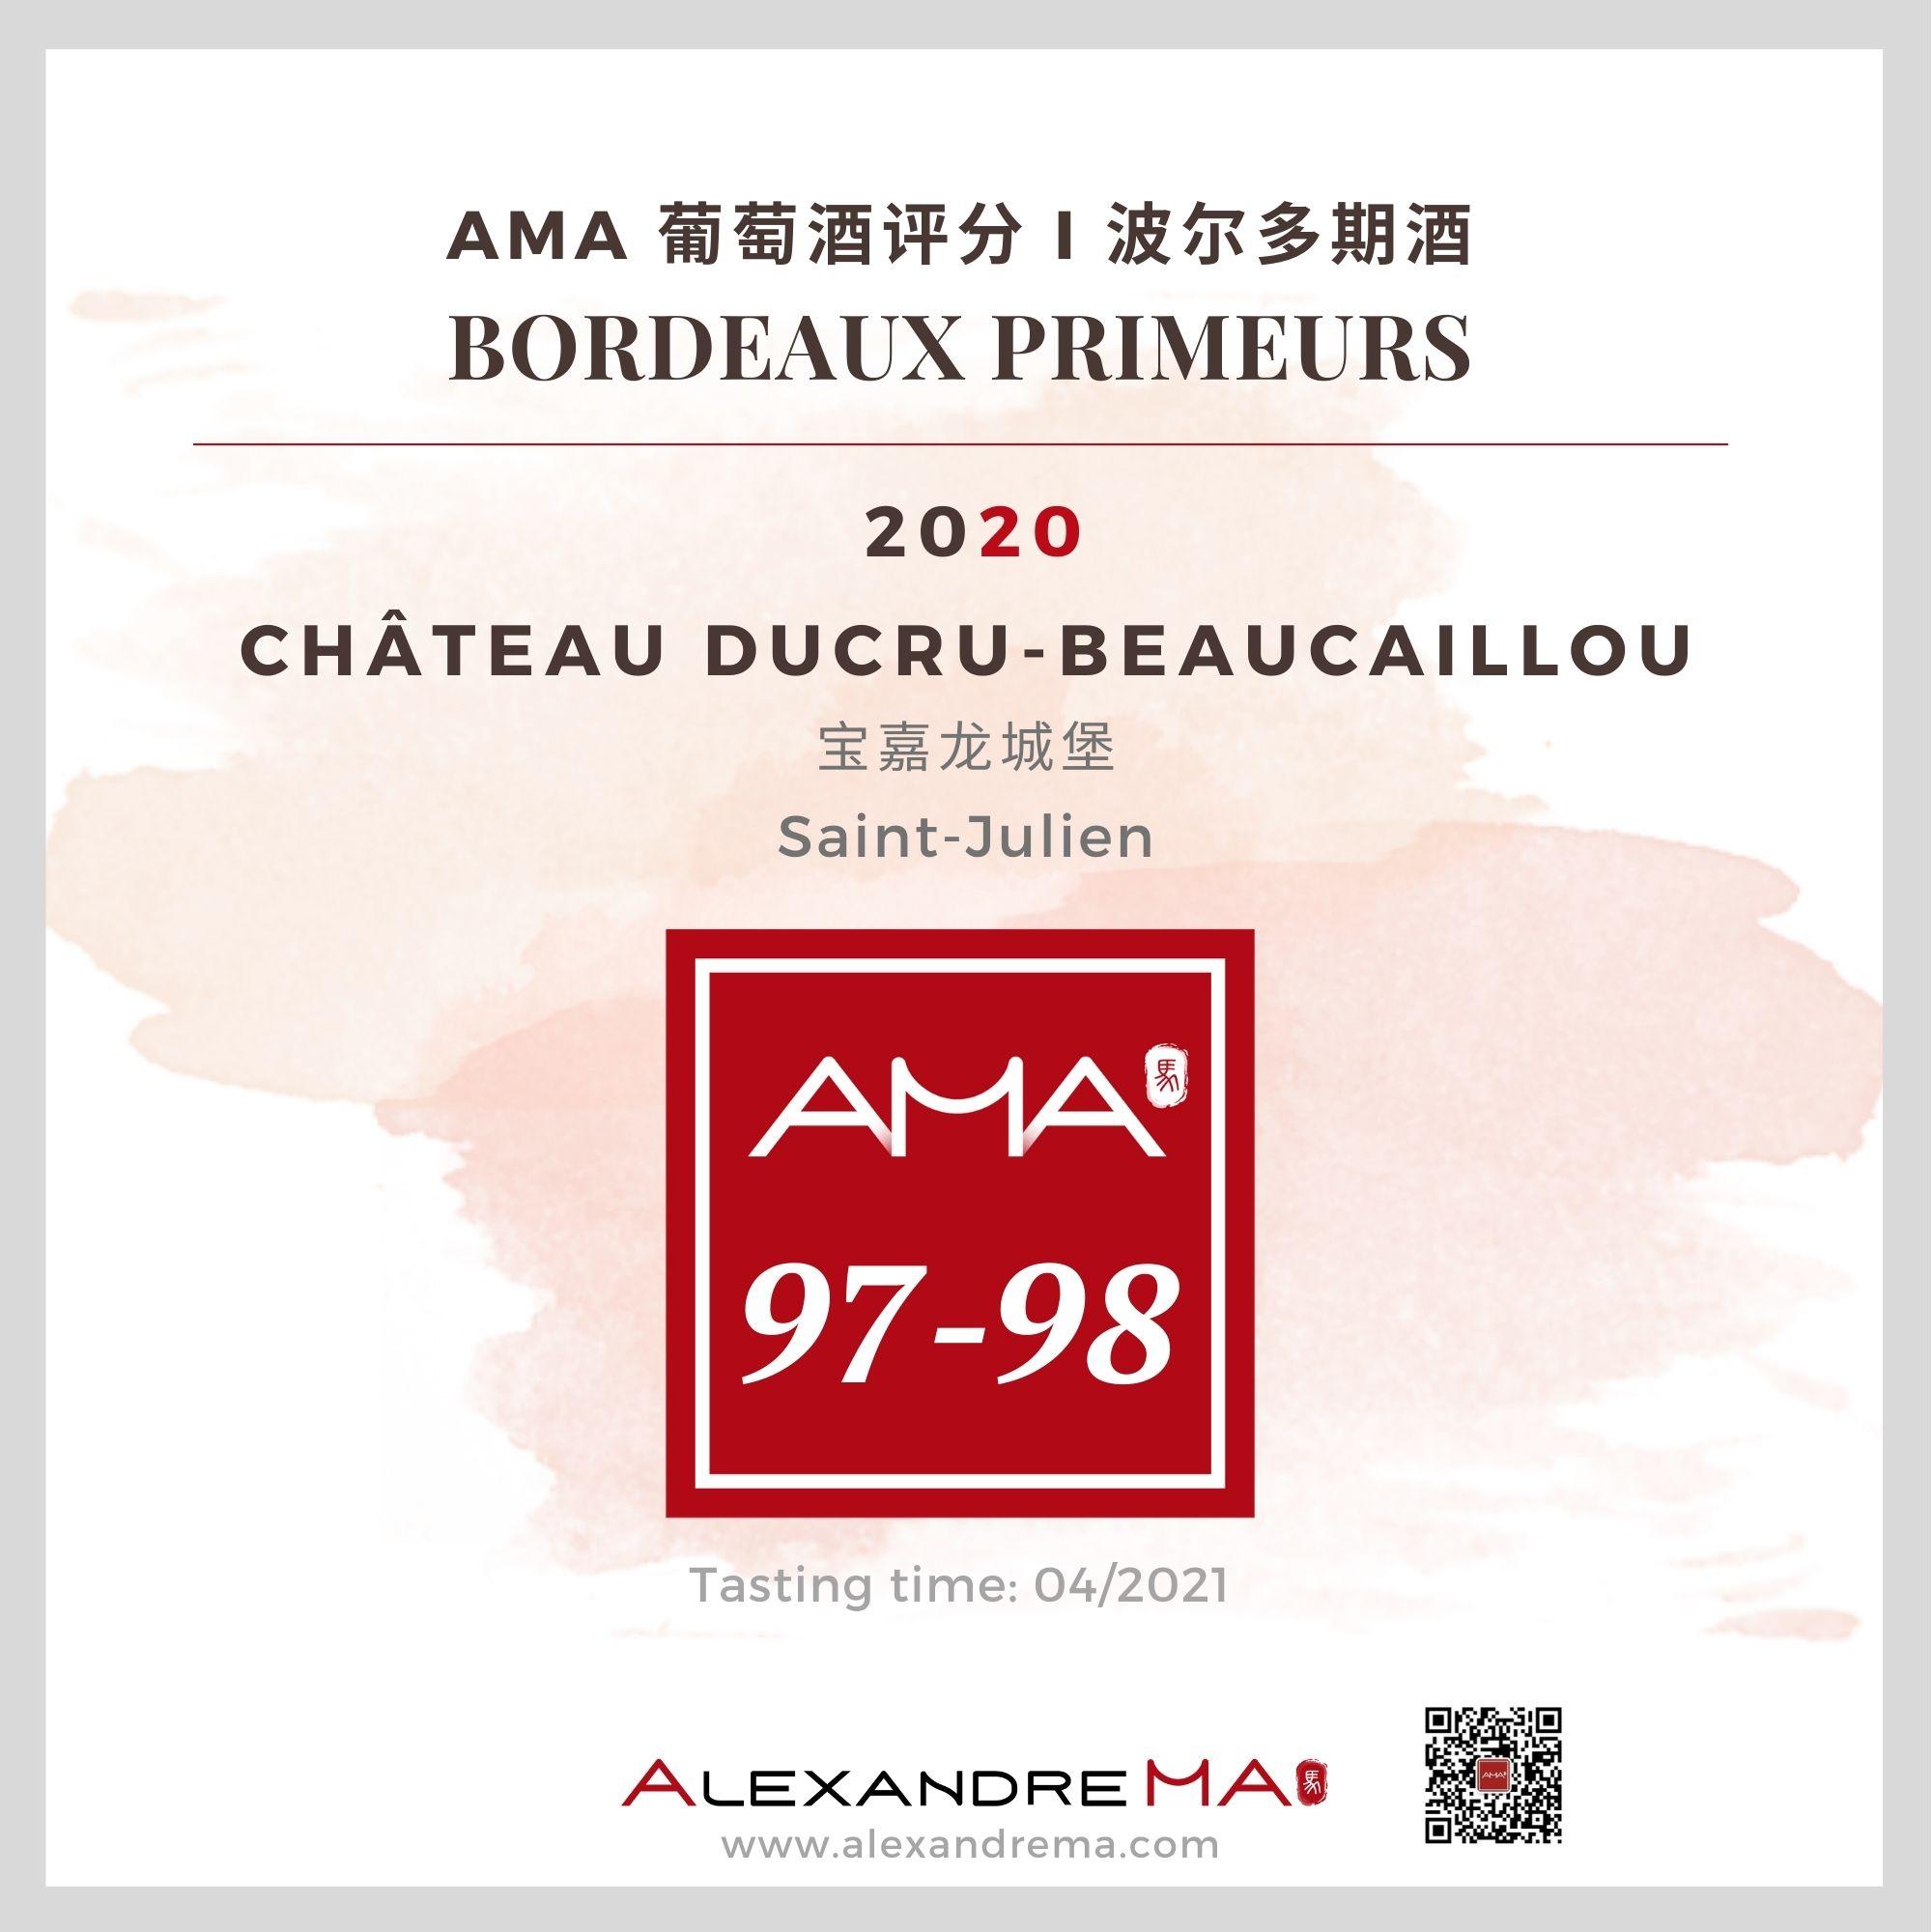 Château Ducru-Beaucaillou 2020 - Alexandre MA